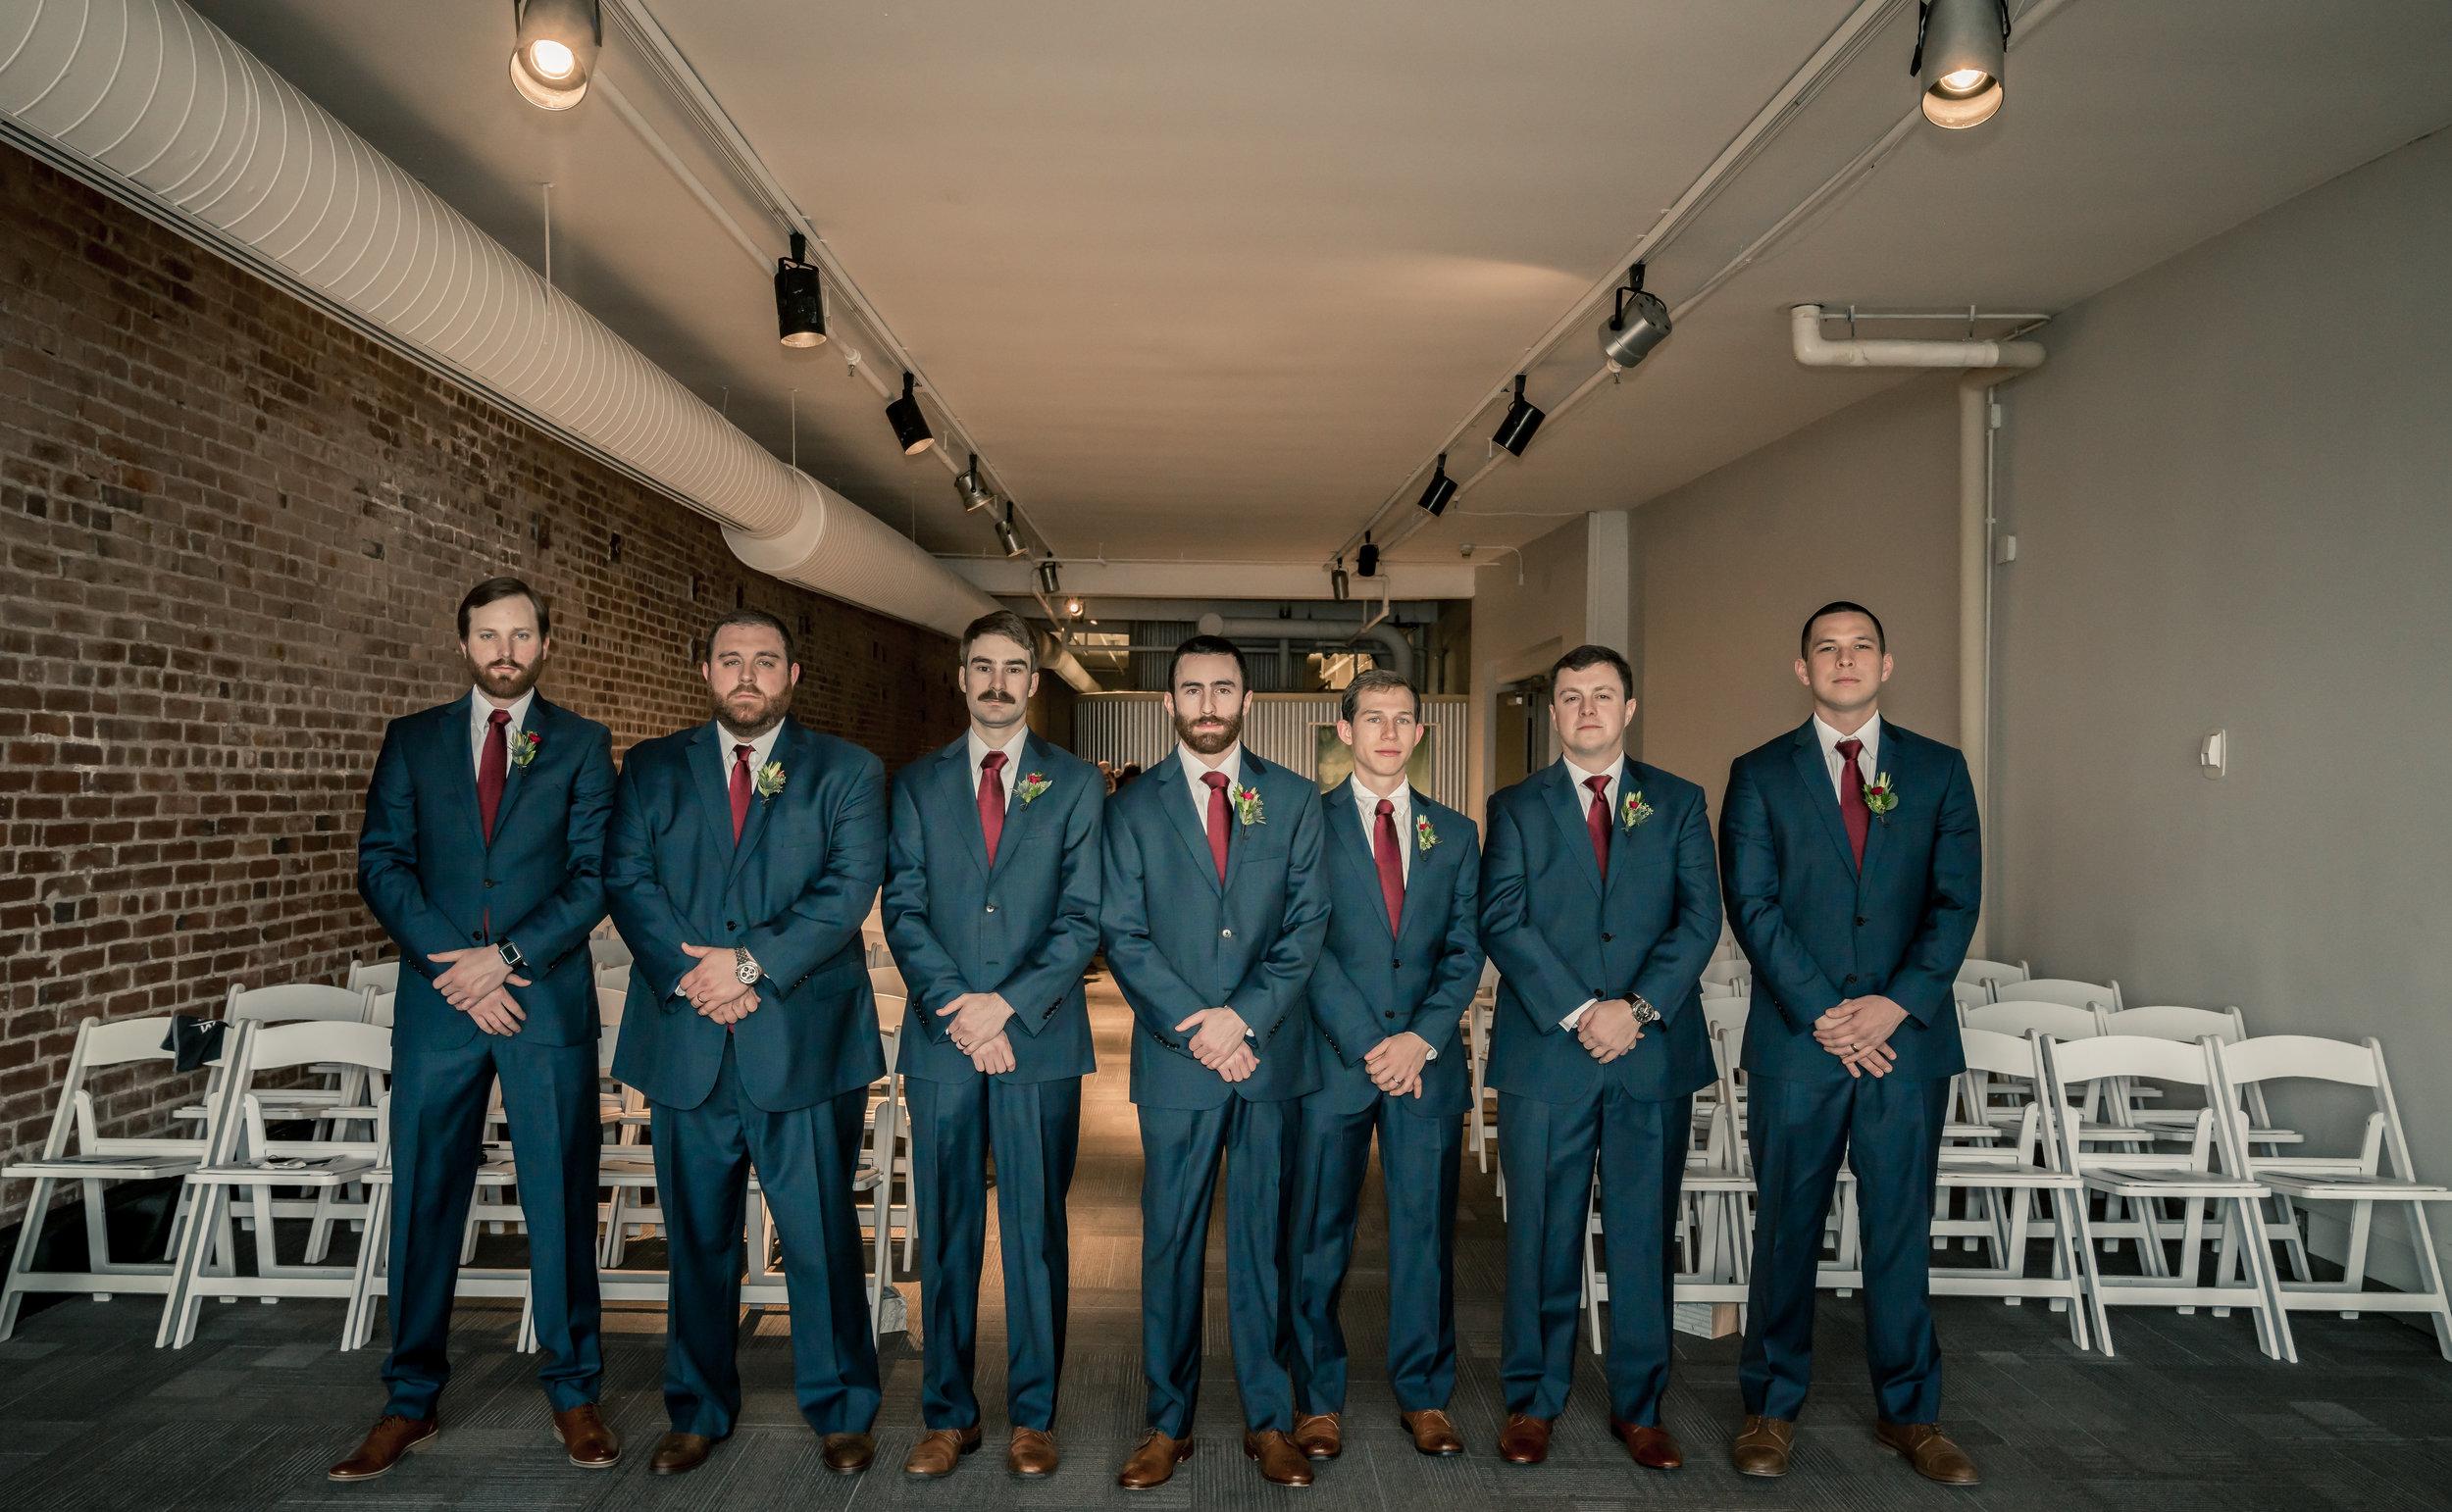 groomsmen field photo louisville photographer